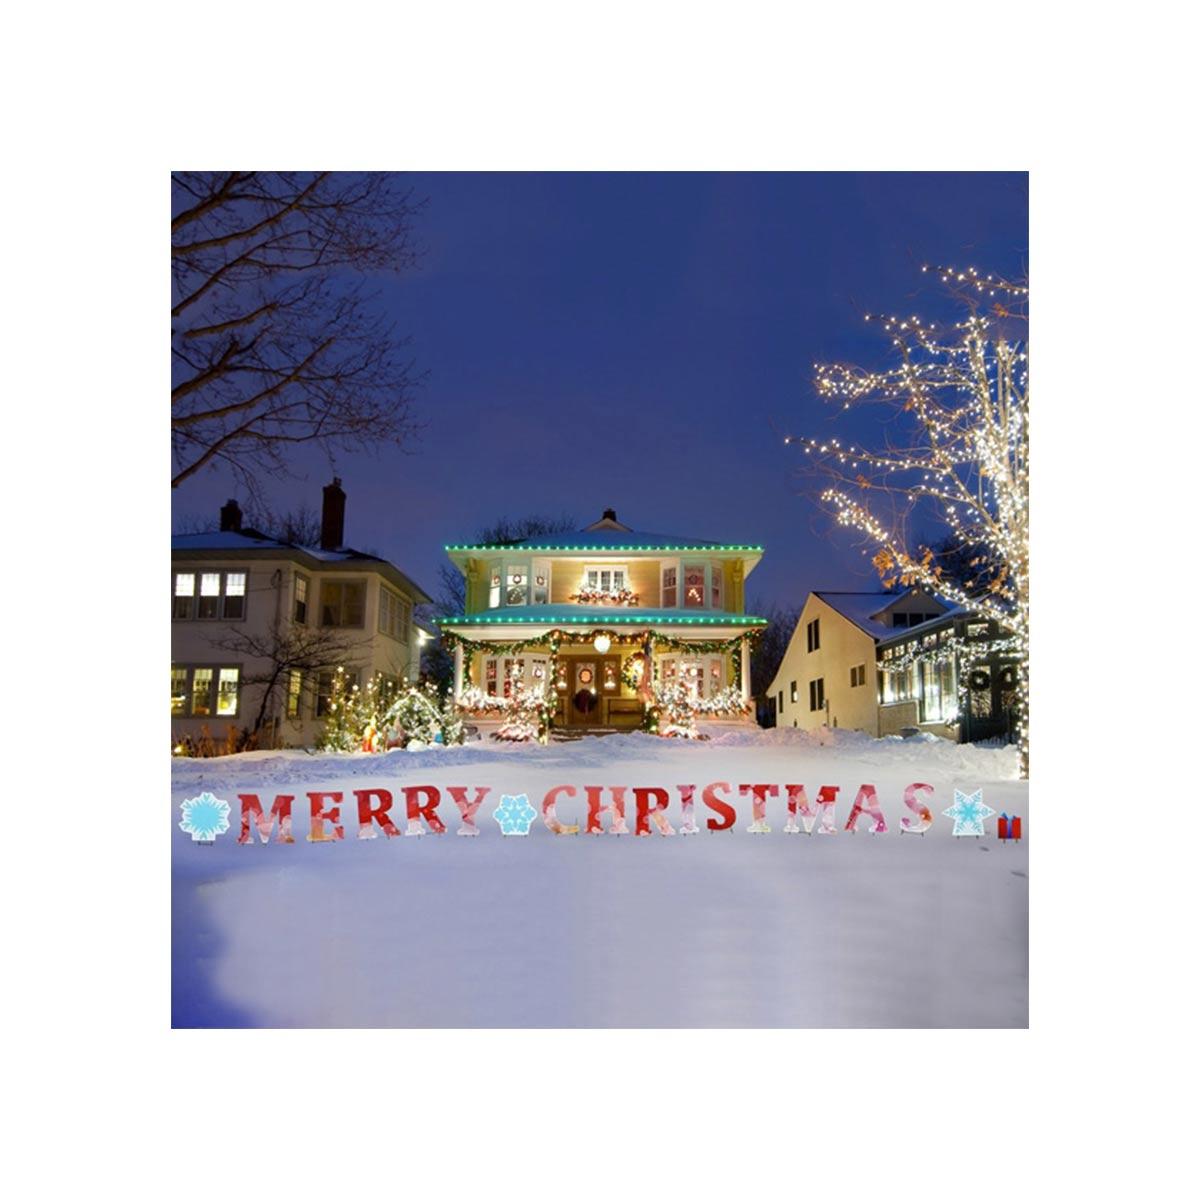 クリスマス 屋外 飾り インテリア デコレーション Merry Christmas 看板 ヤードサイン